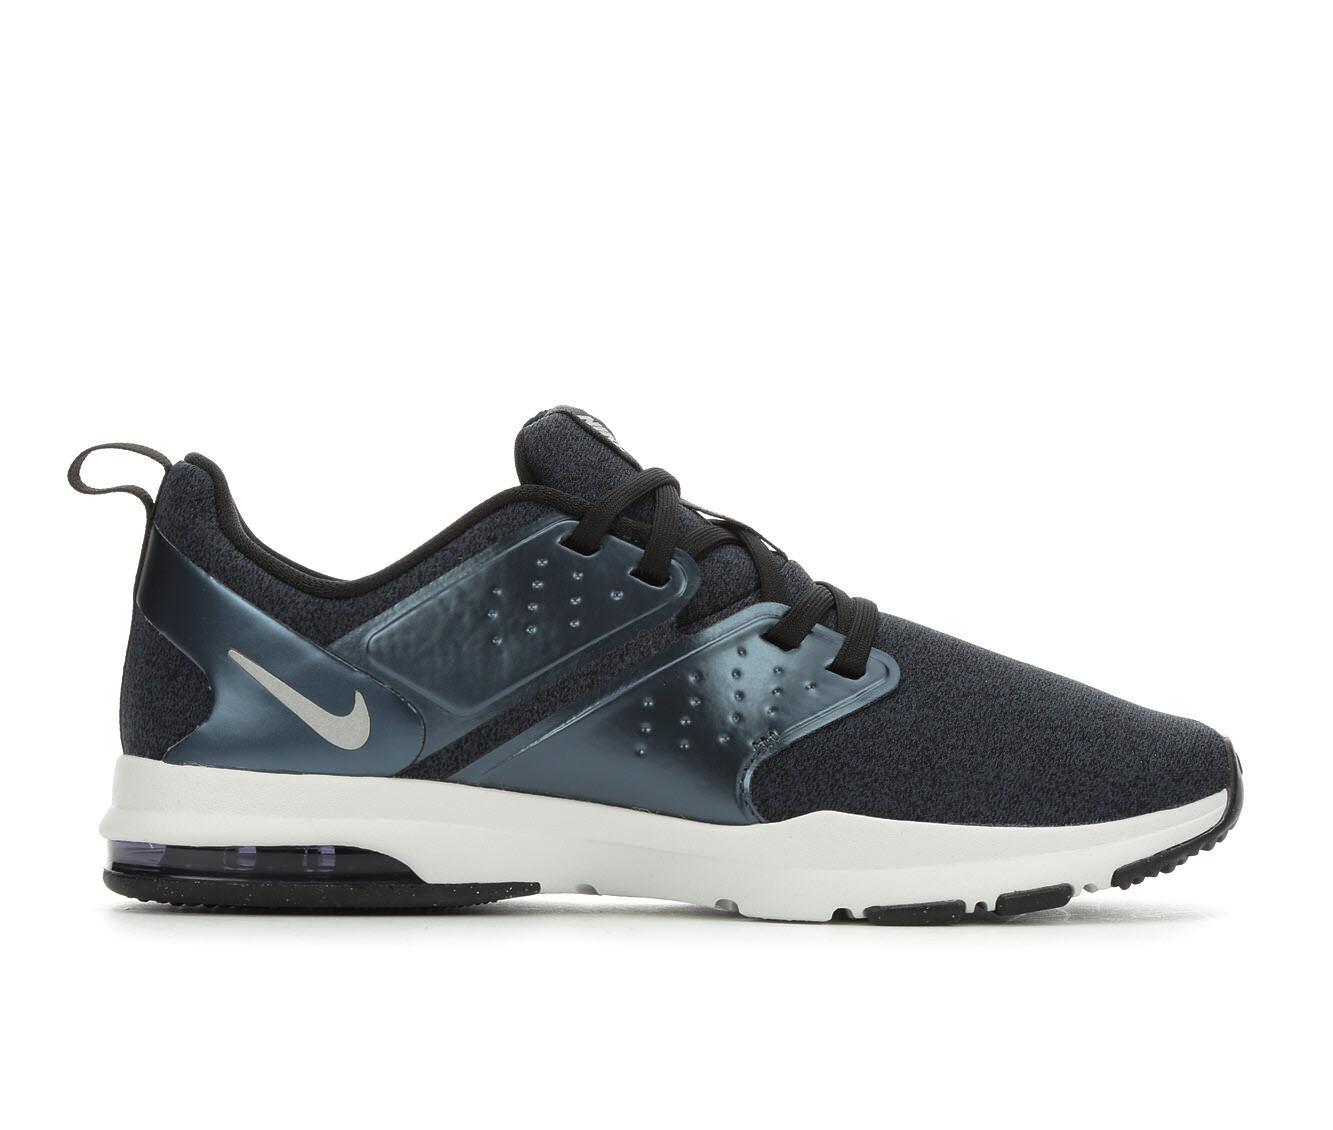 Women's Nike Air Bella TR Premuim Training Shoes Black/Silv/Navy